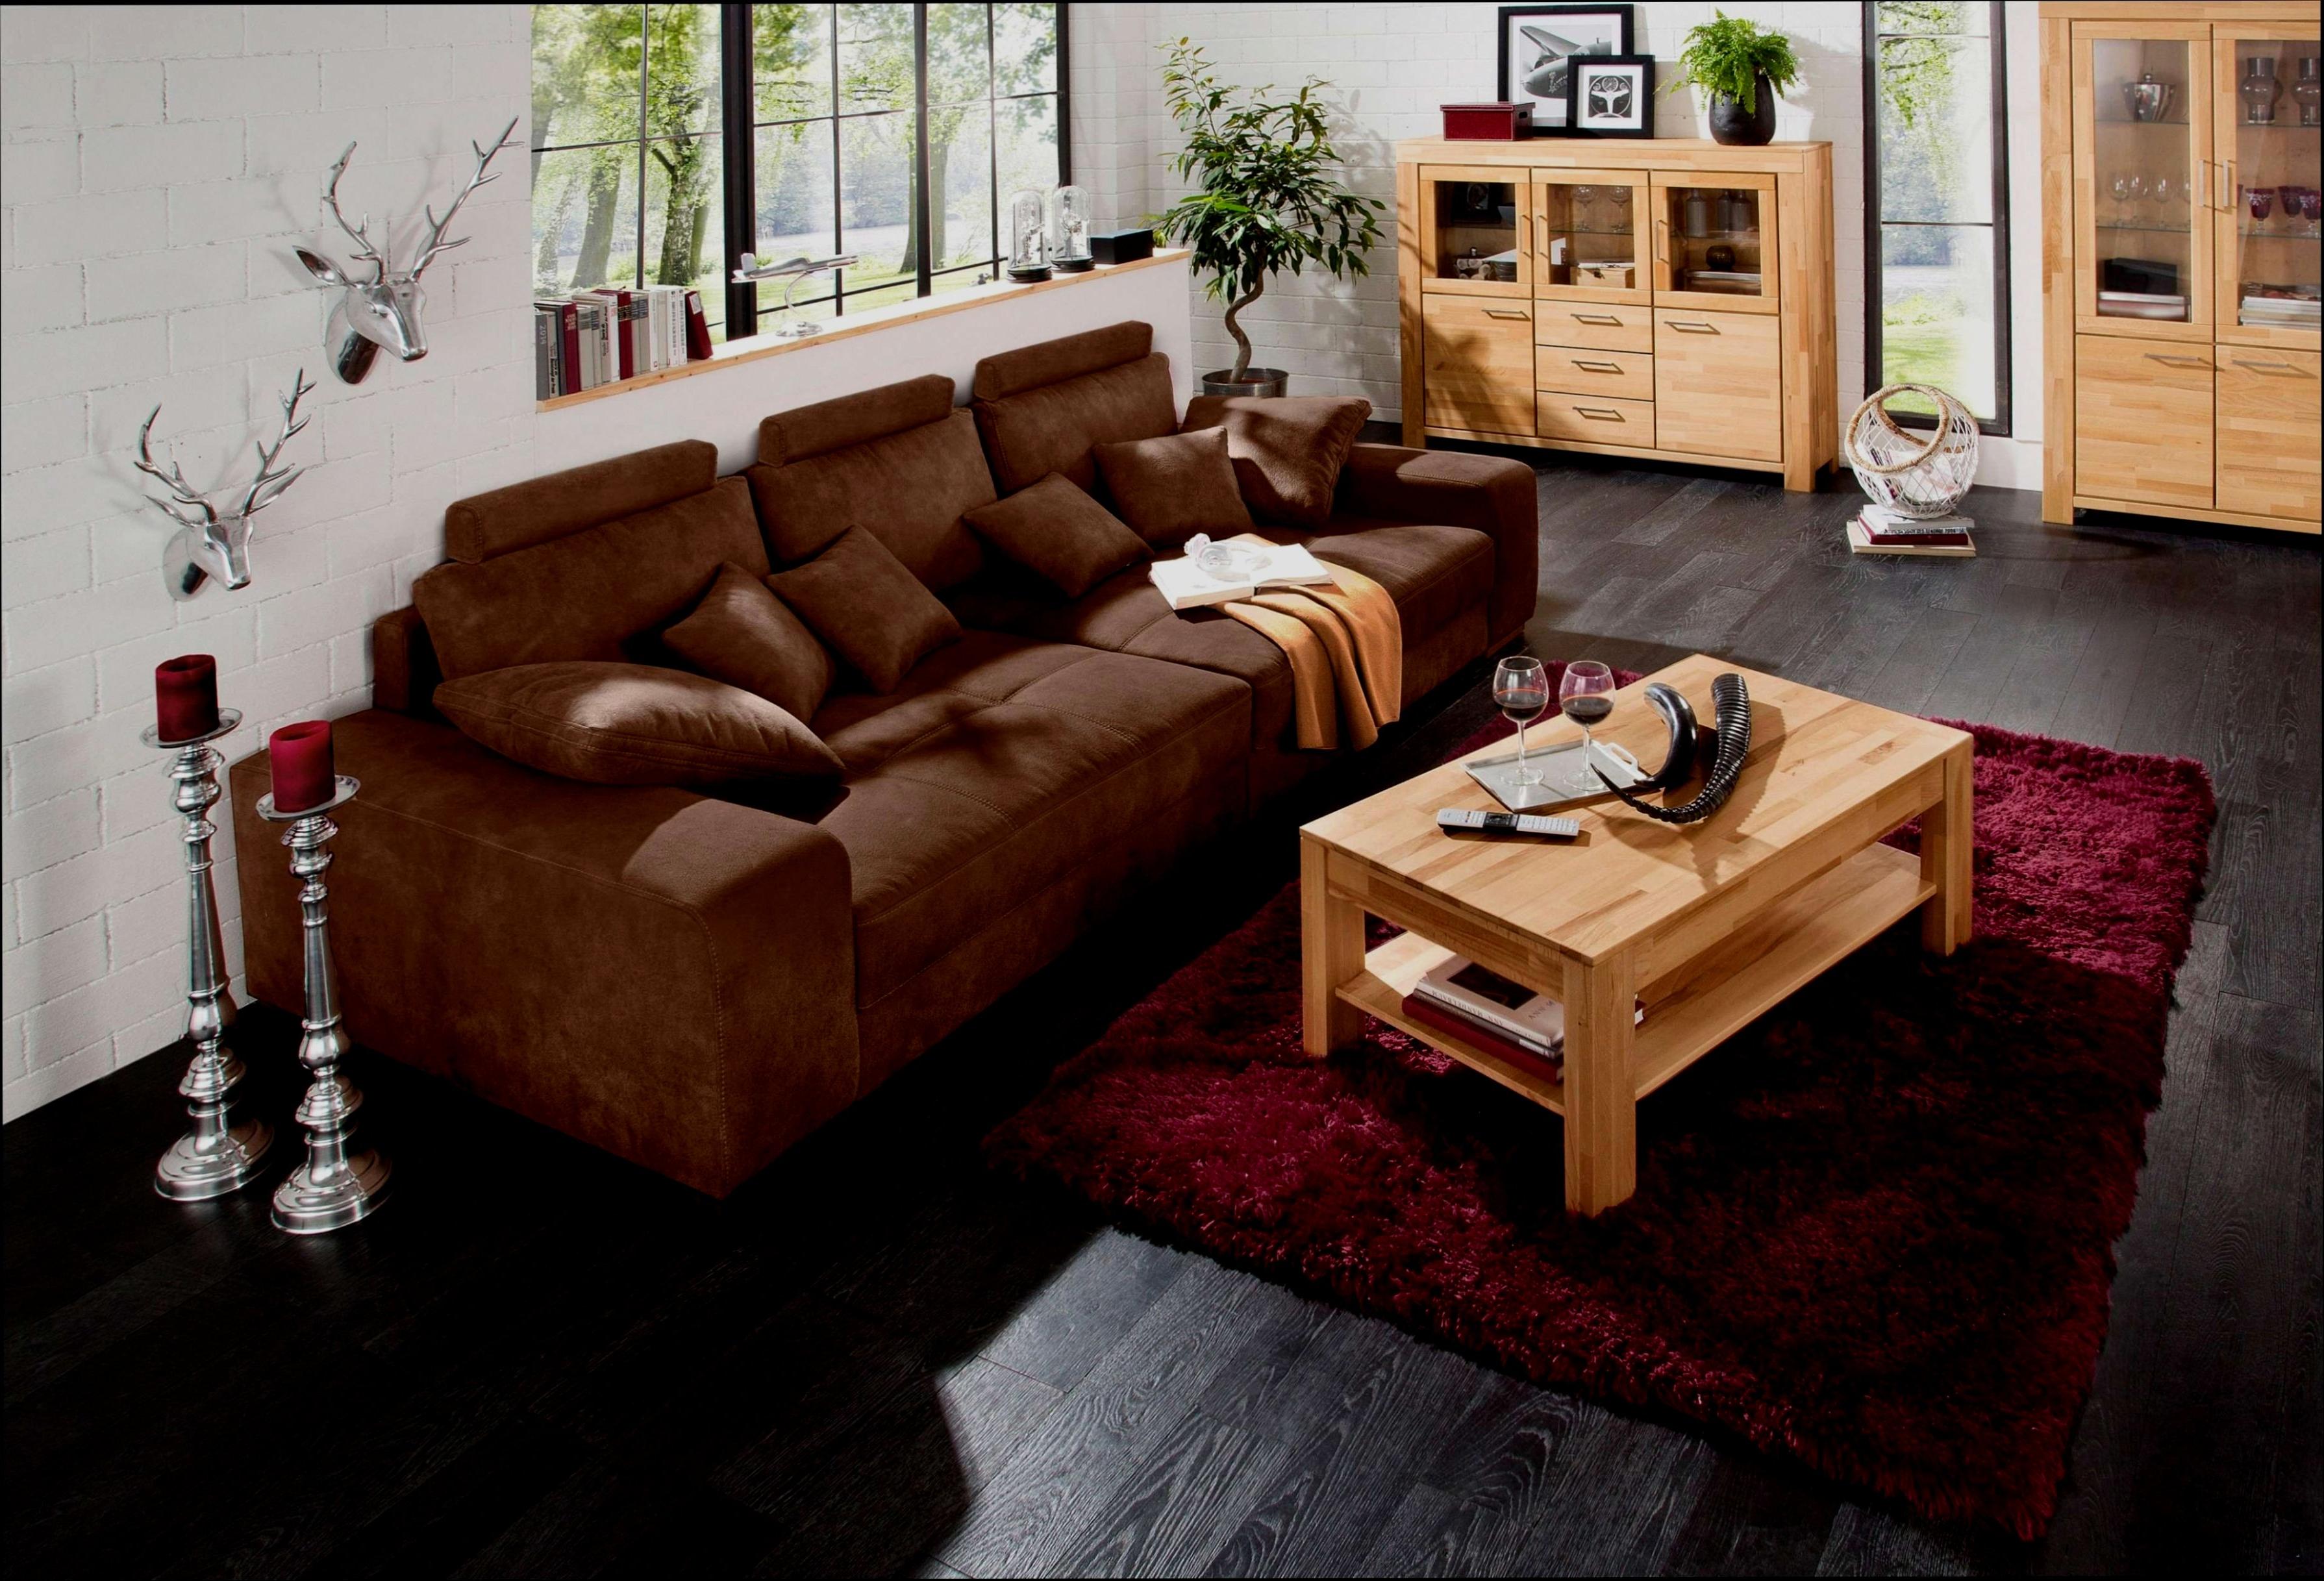 Outlet sofas Online Dwdk sofas Online Outlet Encantador sofa Outlet Hannover Yct Projekte